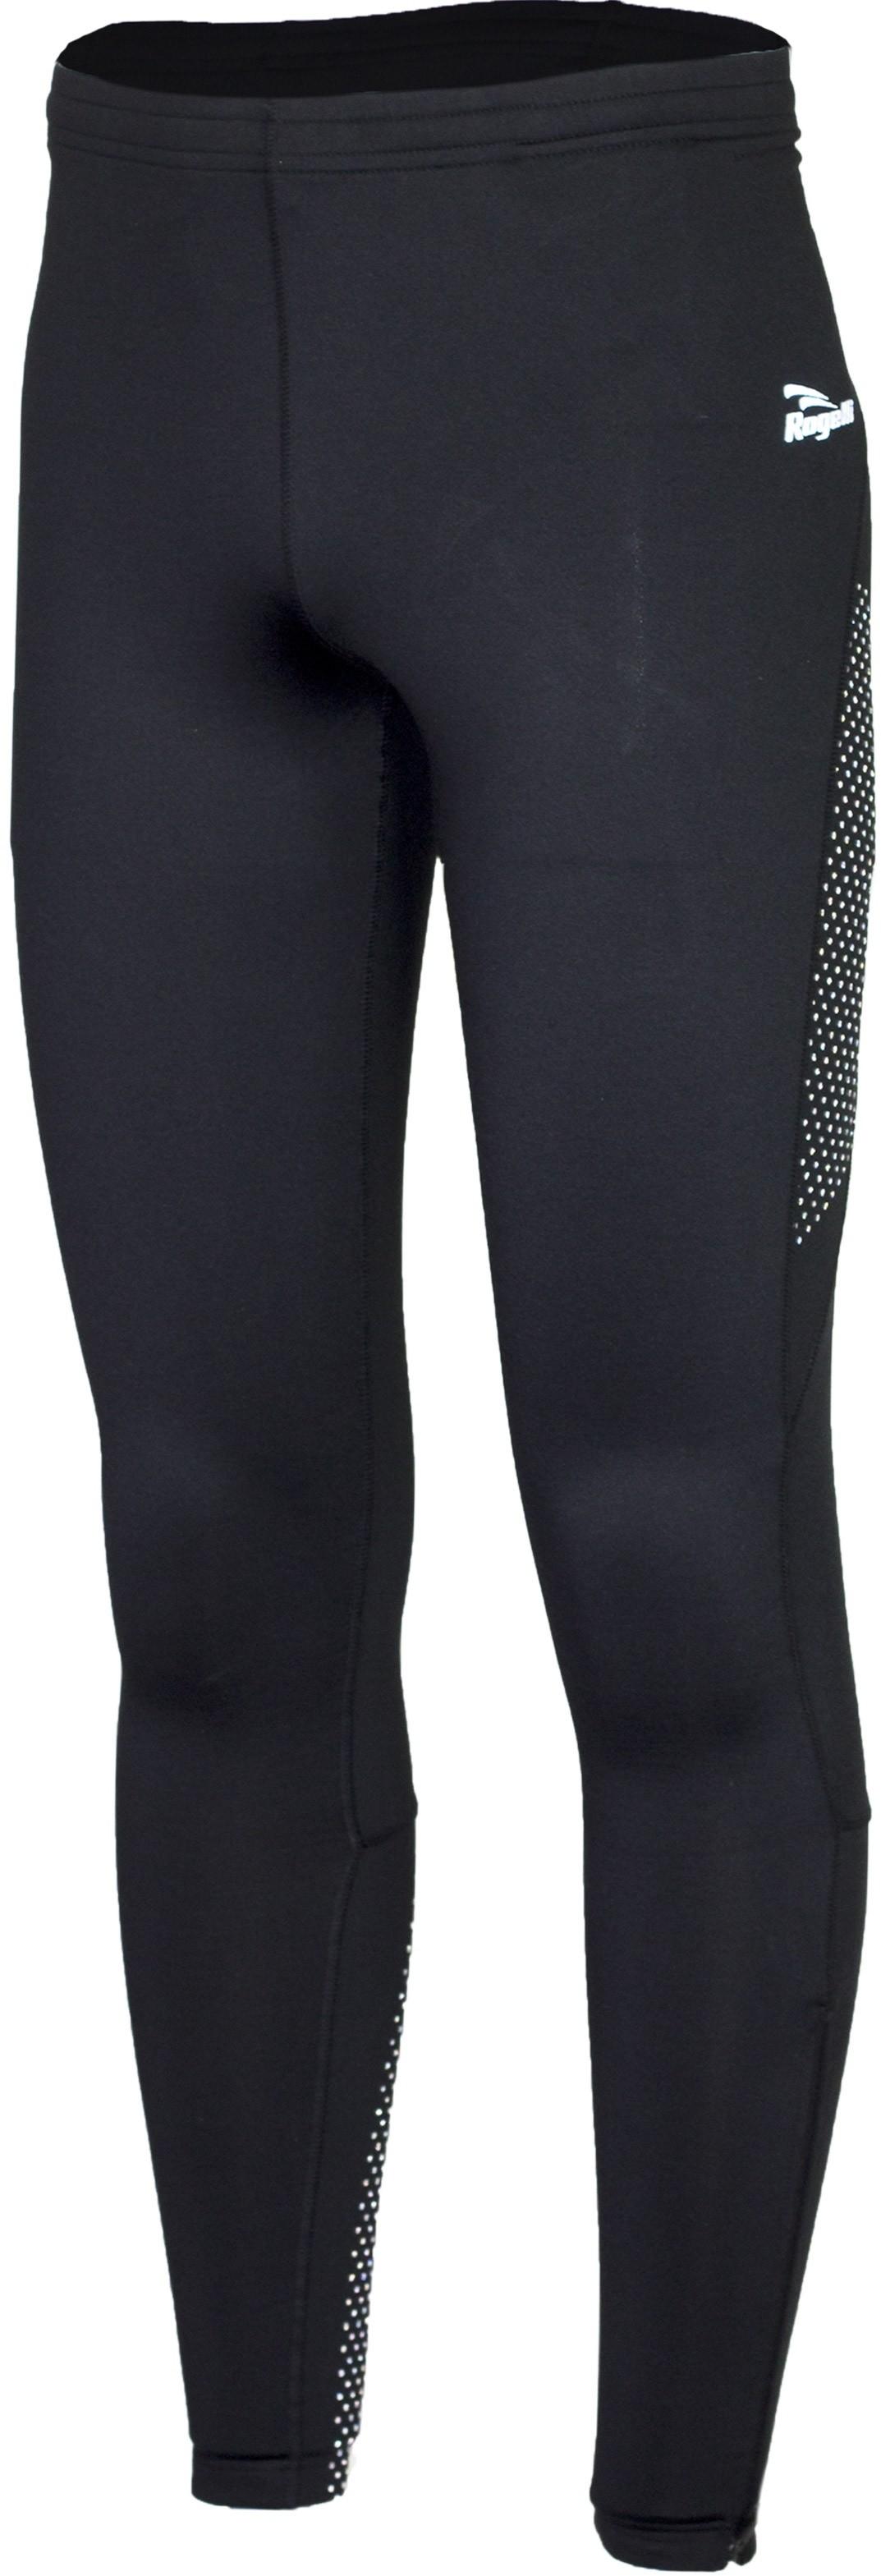 Rogelli 800.006 BAXTER męskie ocieplane spodnie do biegania odblaski